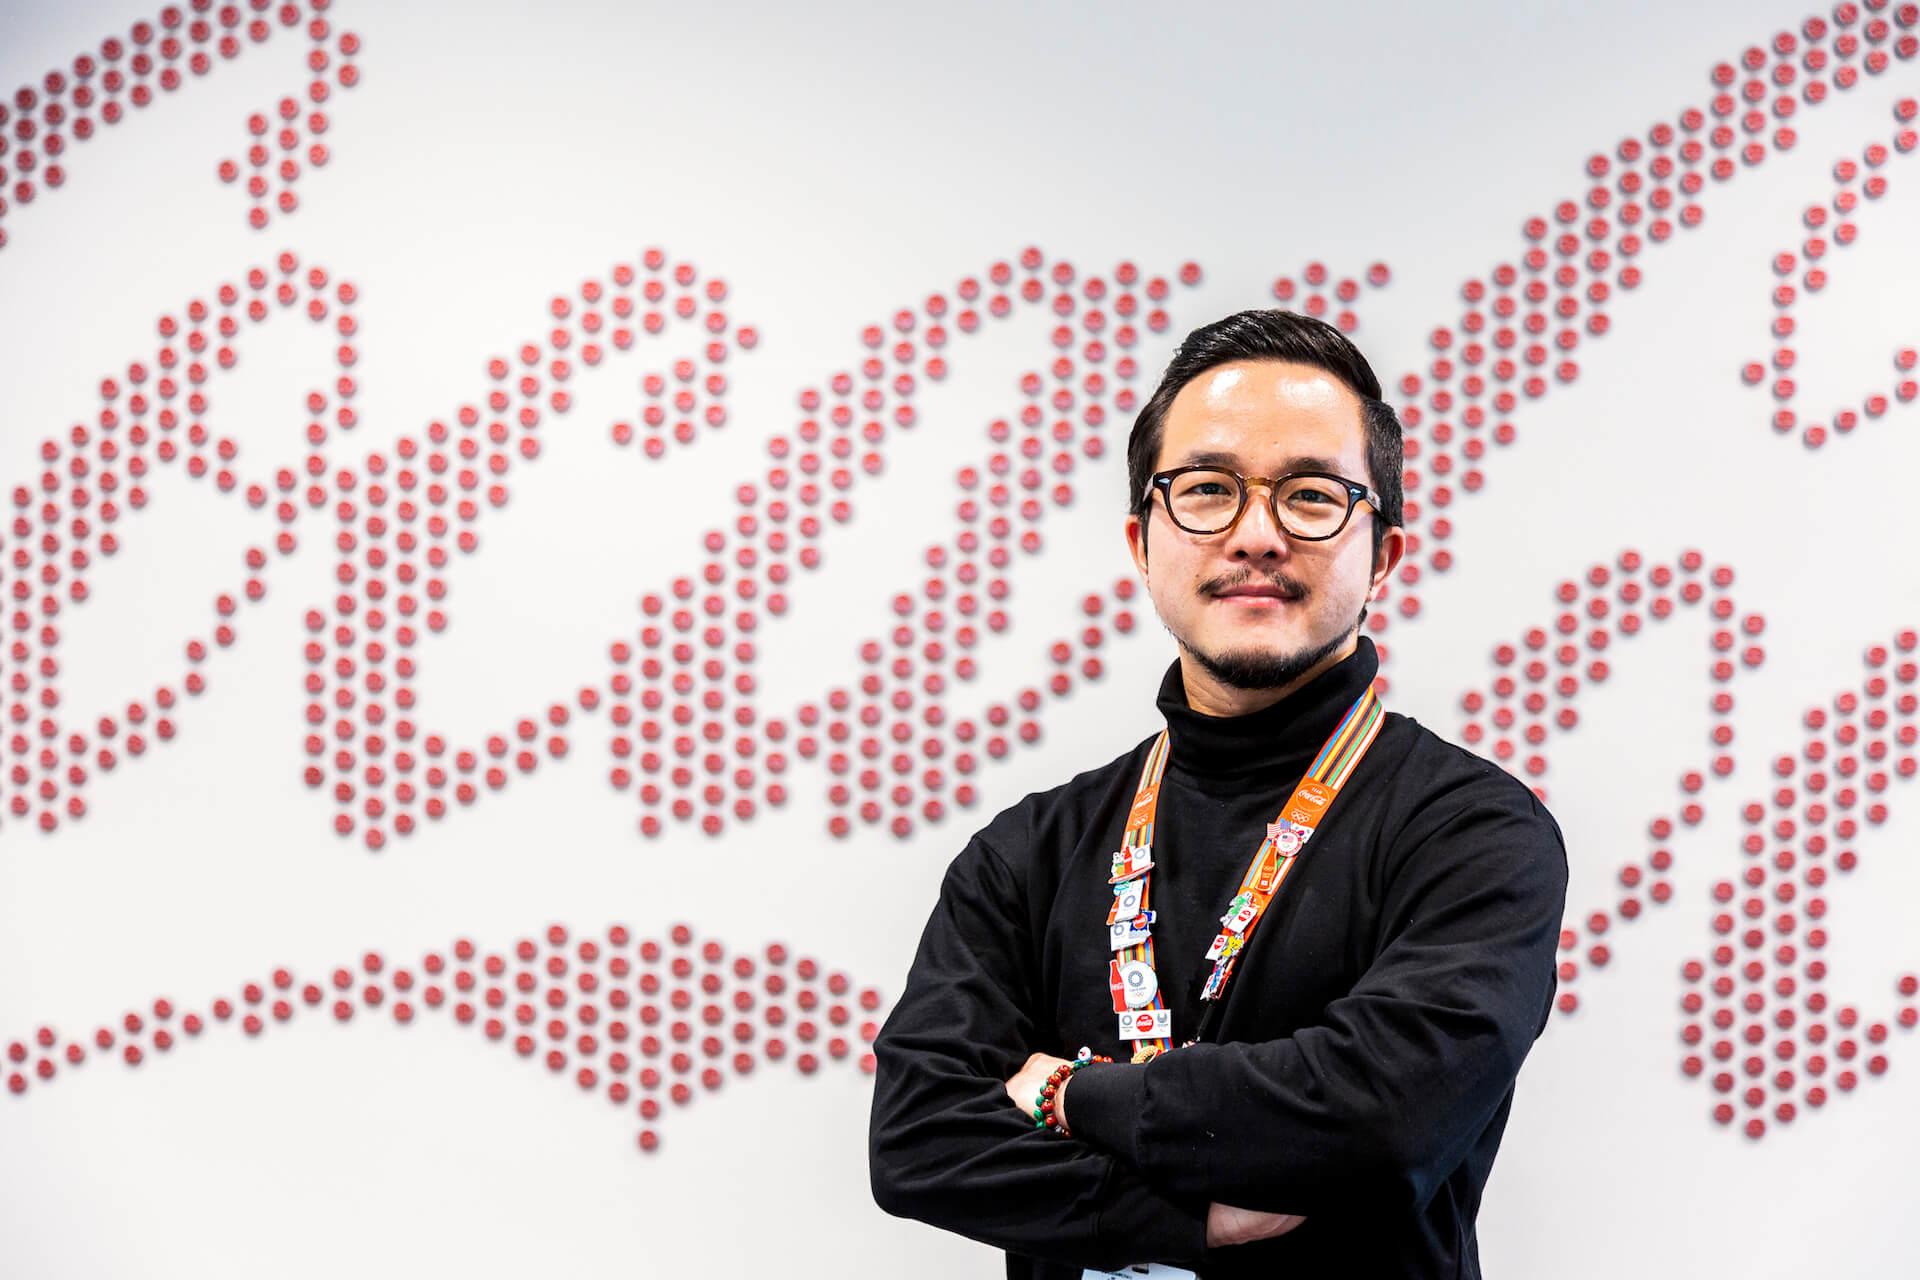 VERDYデザインのオリジナルピンから紐解く、コカ・コーラ社が東京2020オリンピックに込める想い interview-cocacola-verdy-6